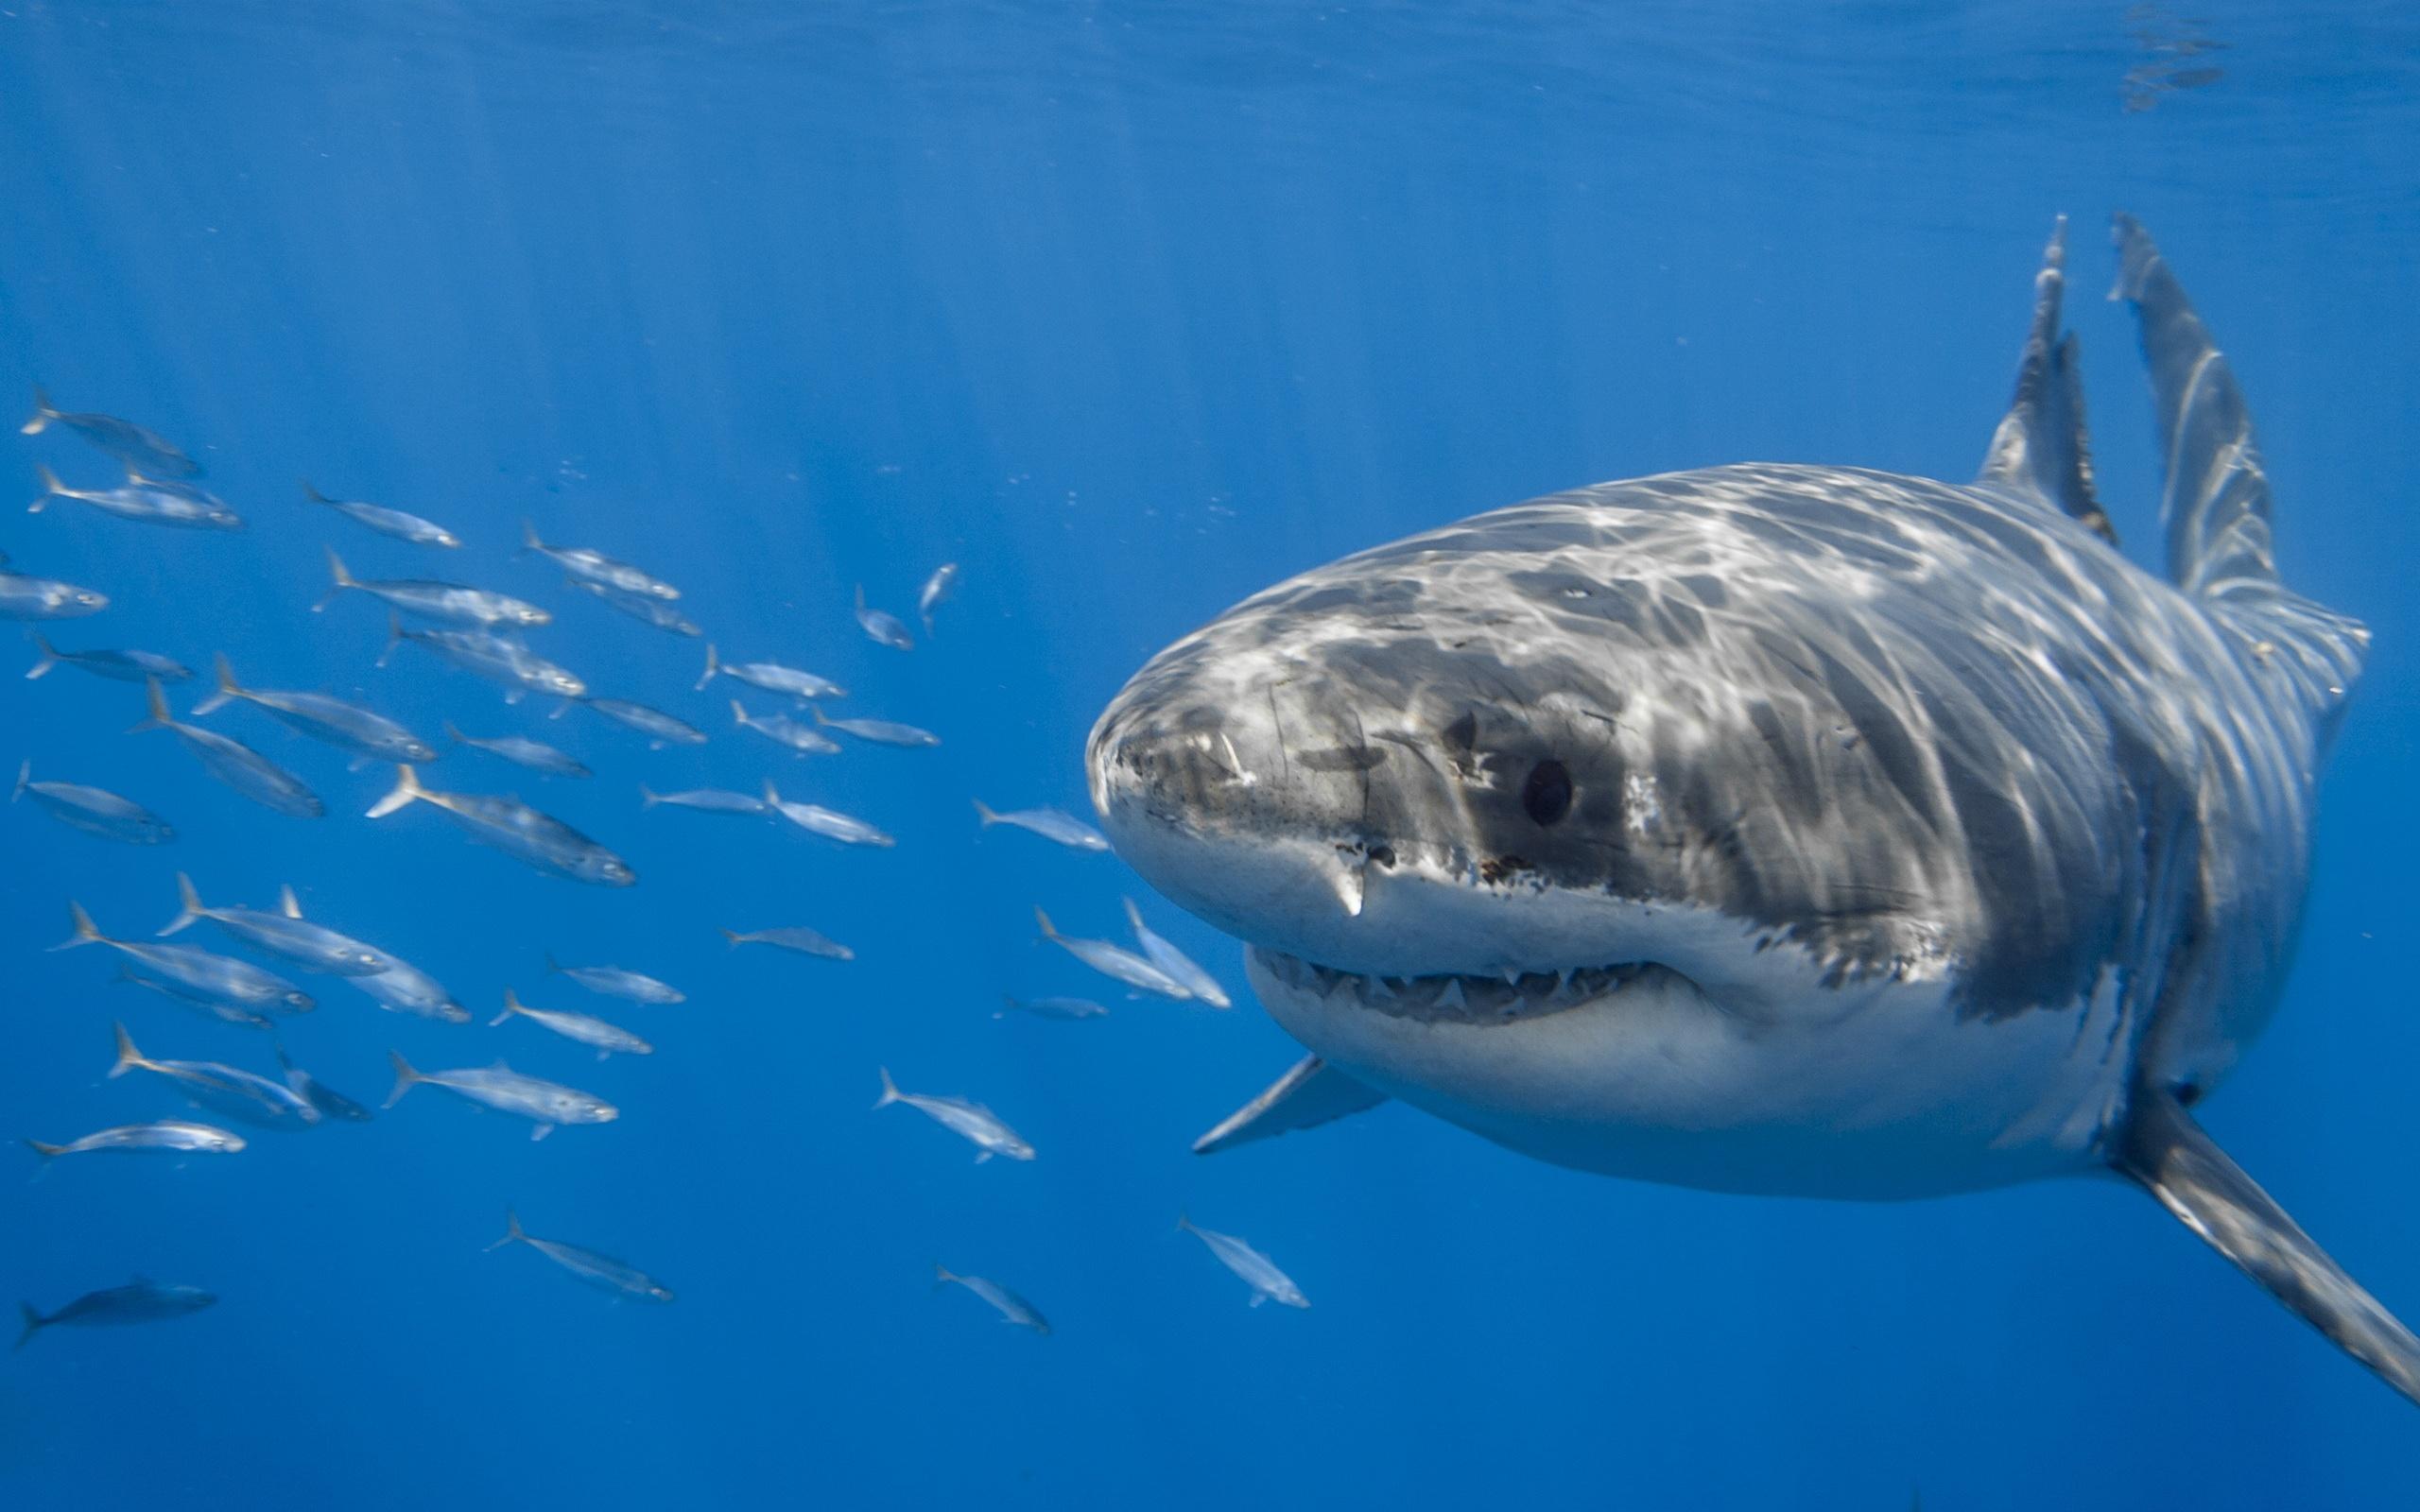 использовании фотографии акул высокой четкости кого-то луной один